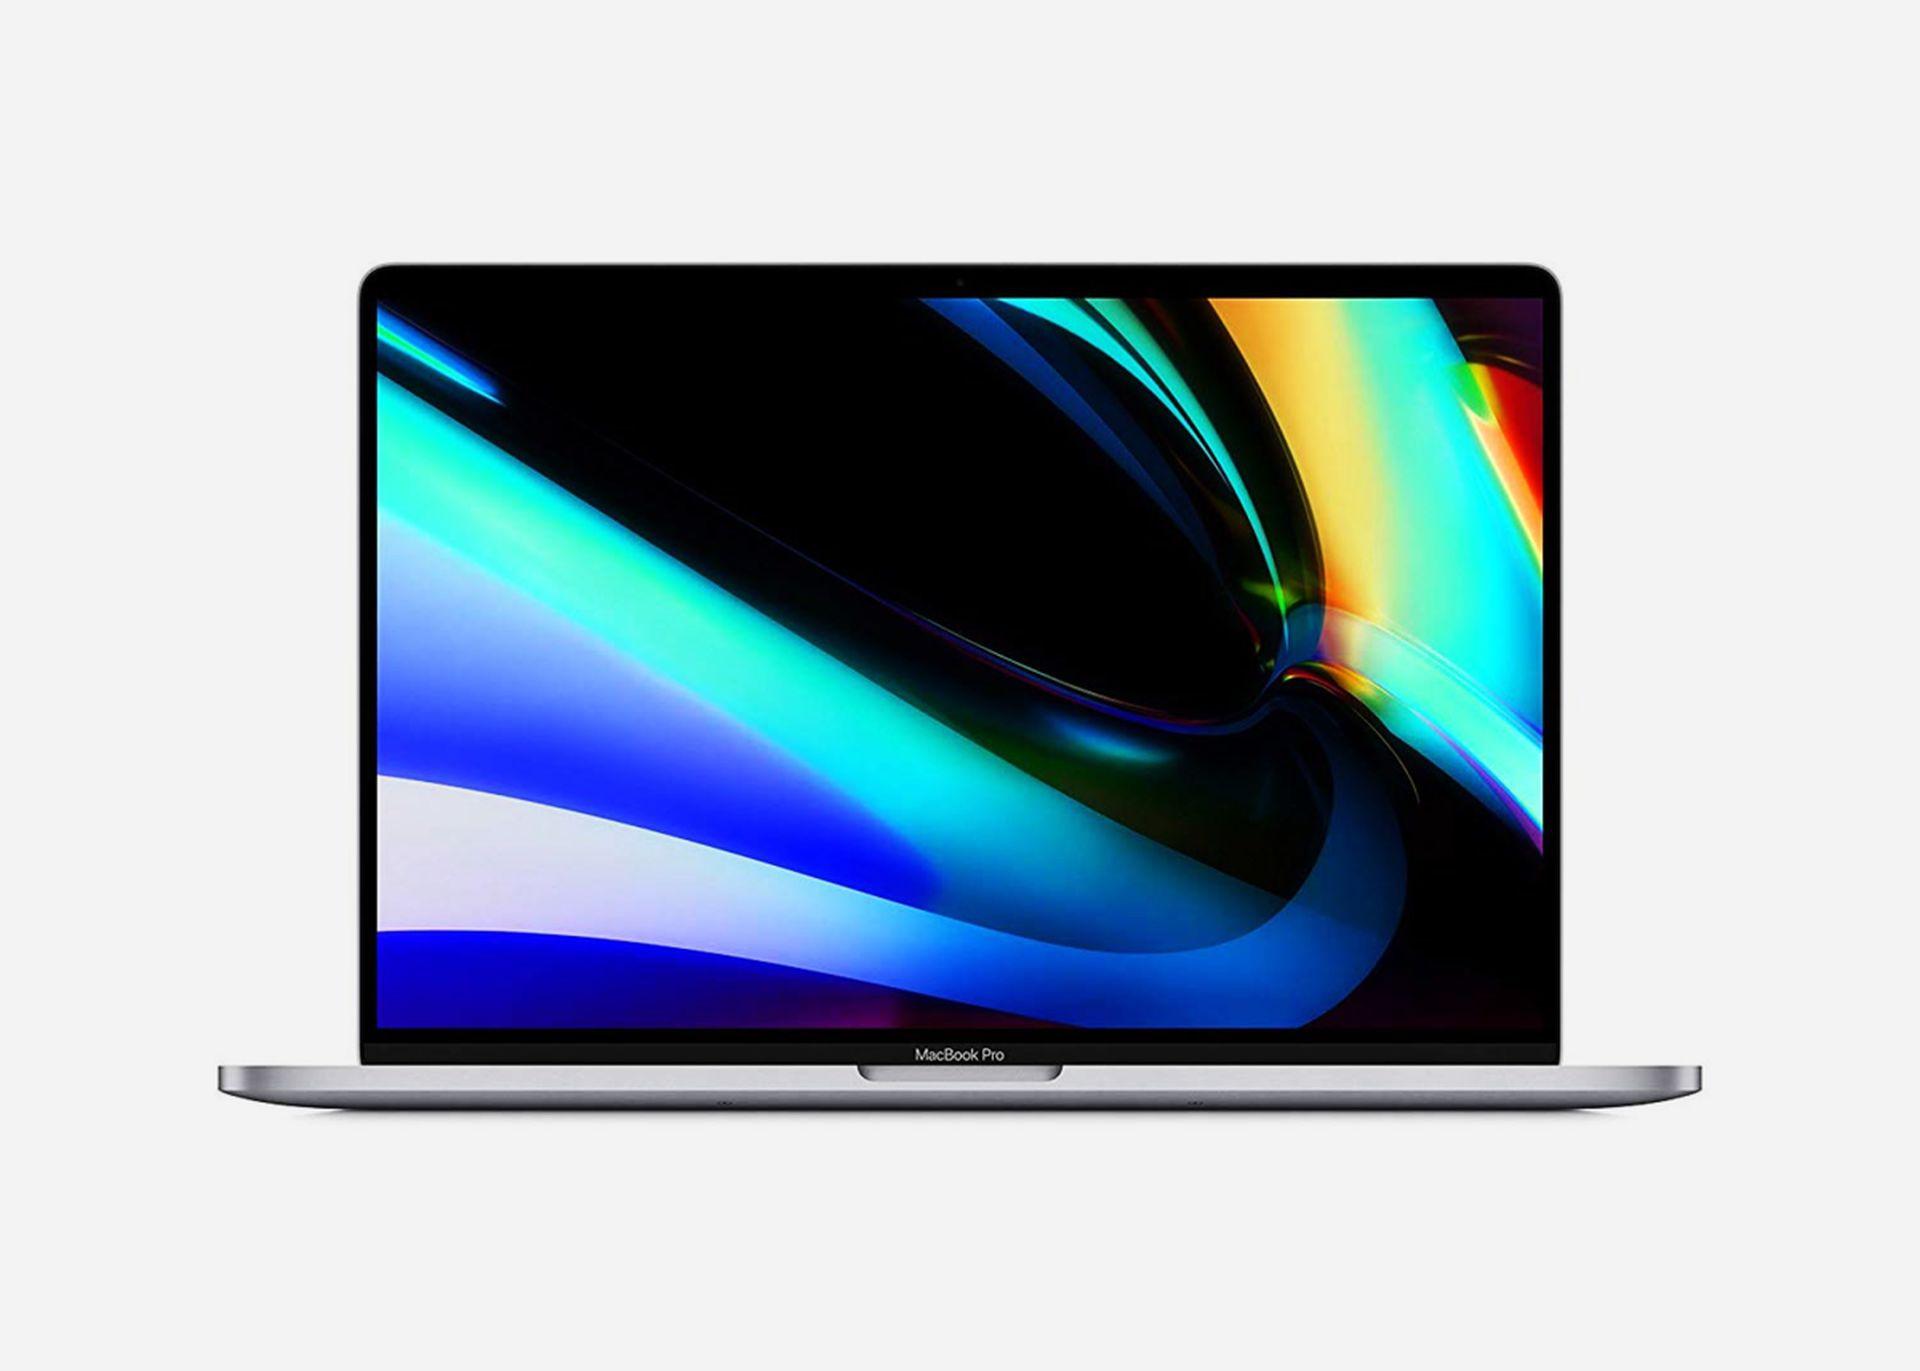 Informacje o przyszłorocznych iPadach Pro i 16 calowych MacBookach Pro